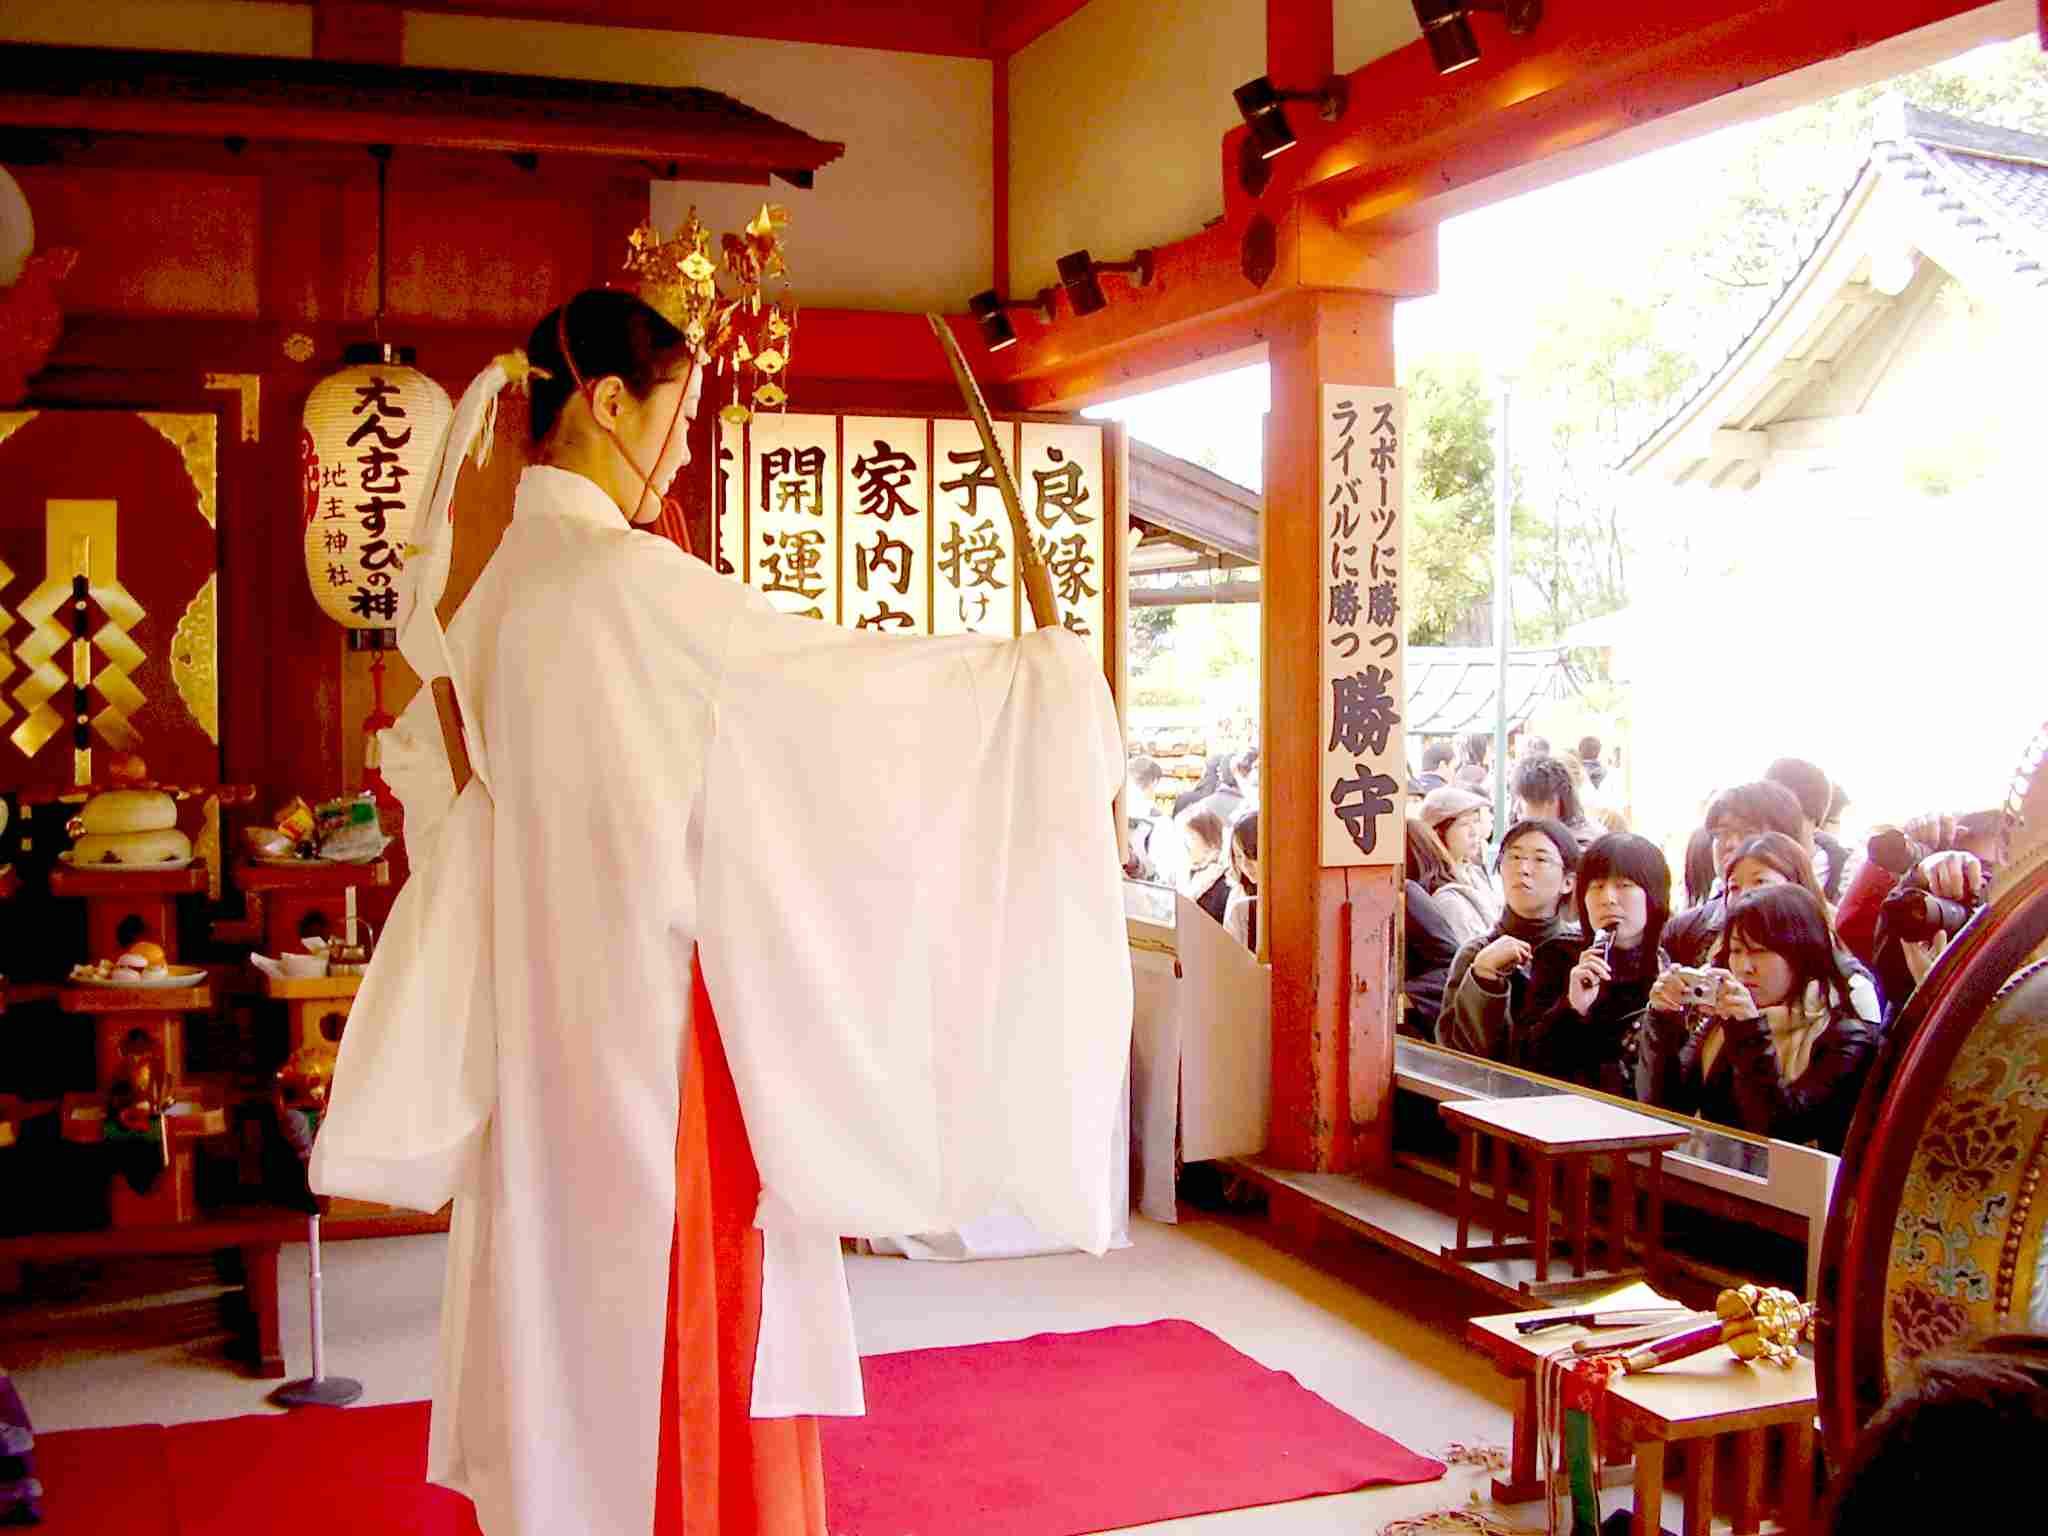 もみじ祭り お神楽「剣の舞」